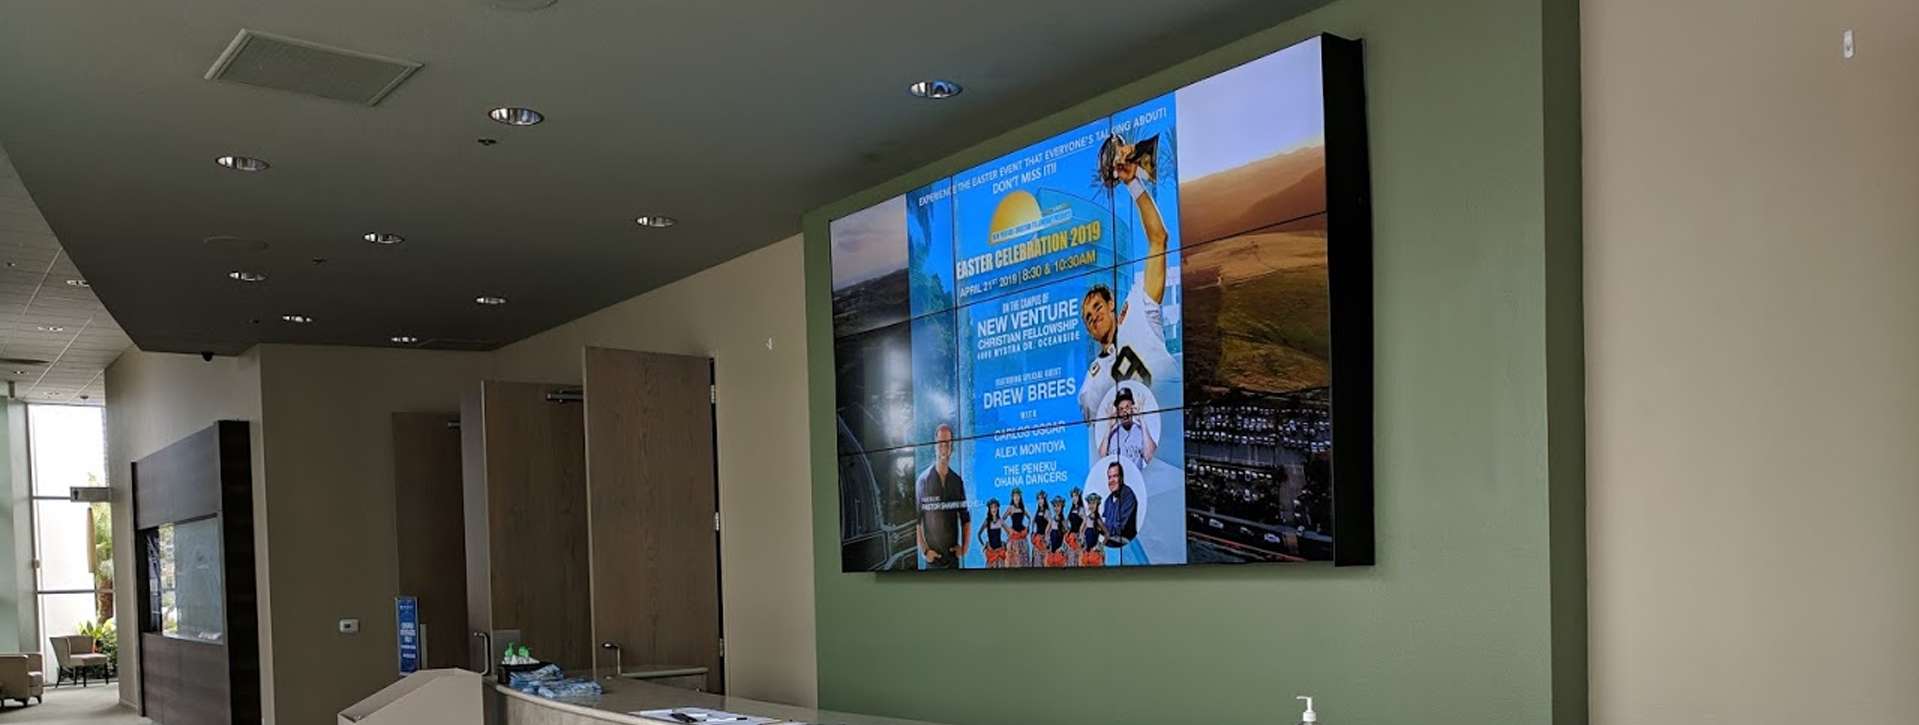 Church Video Wall Installation by ComsatAV